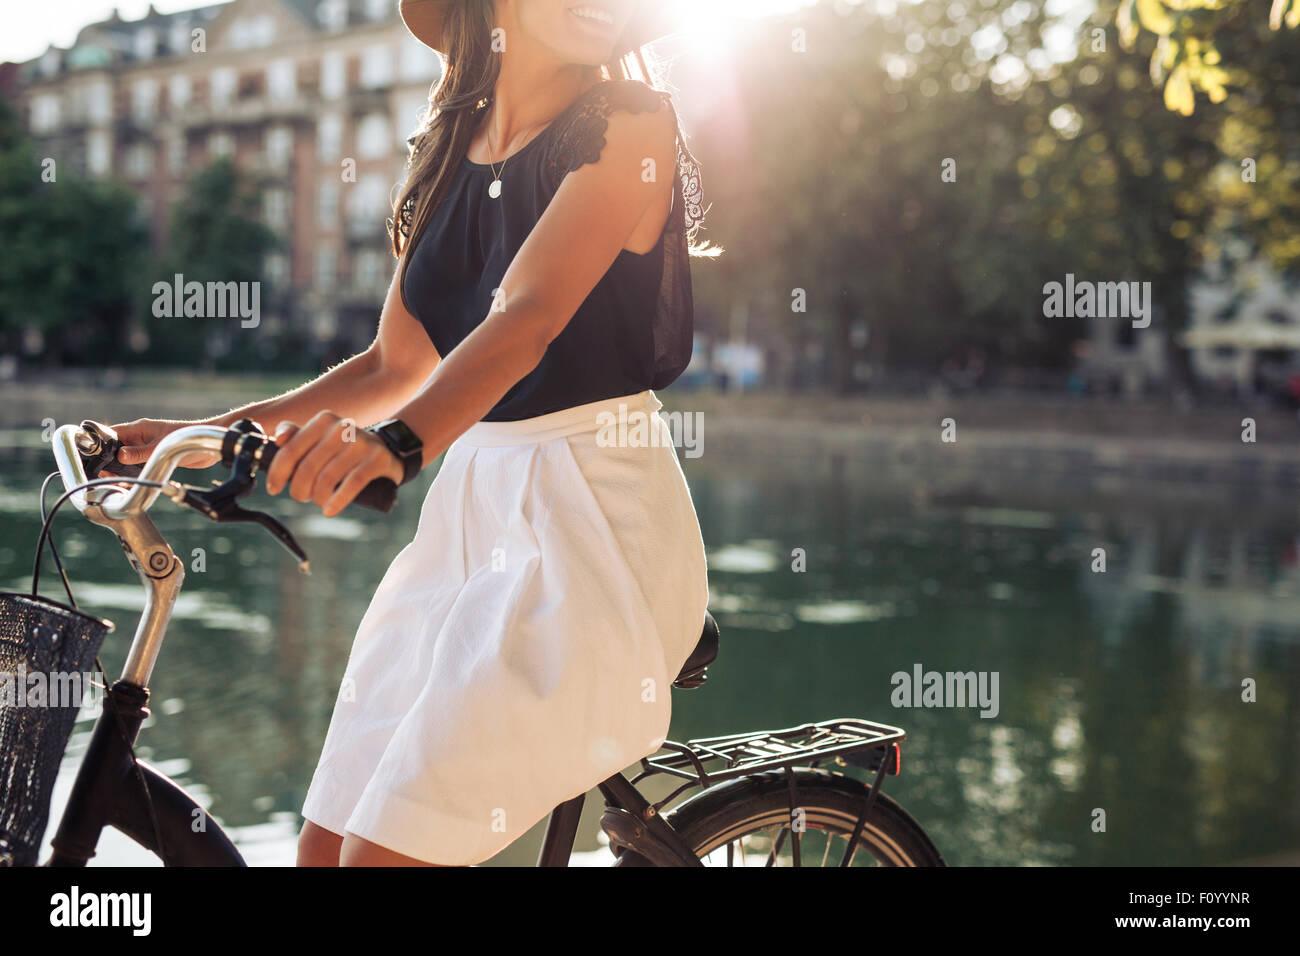 Captura recortada de una joven en bicicleta por un estanque. Mujer en un día de verano montando su bicicleta. Imagen De Stock